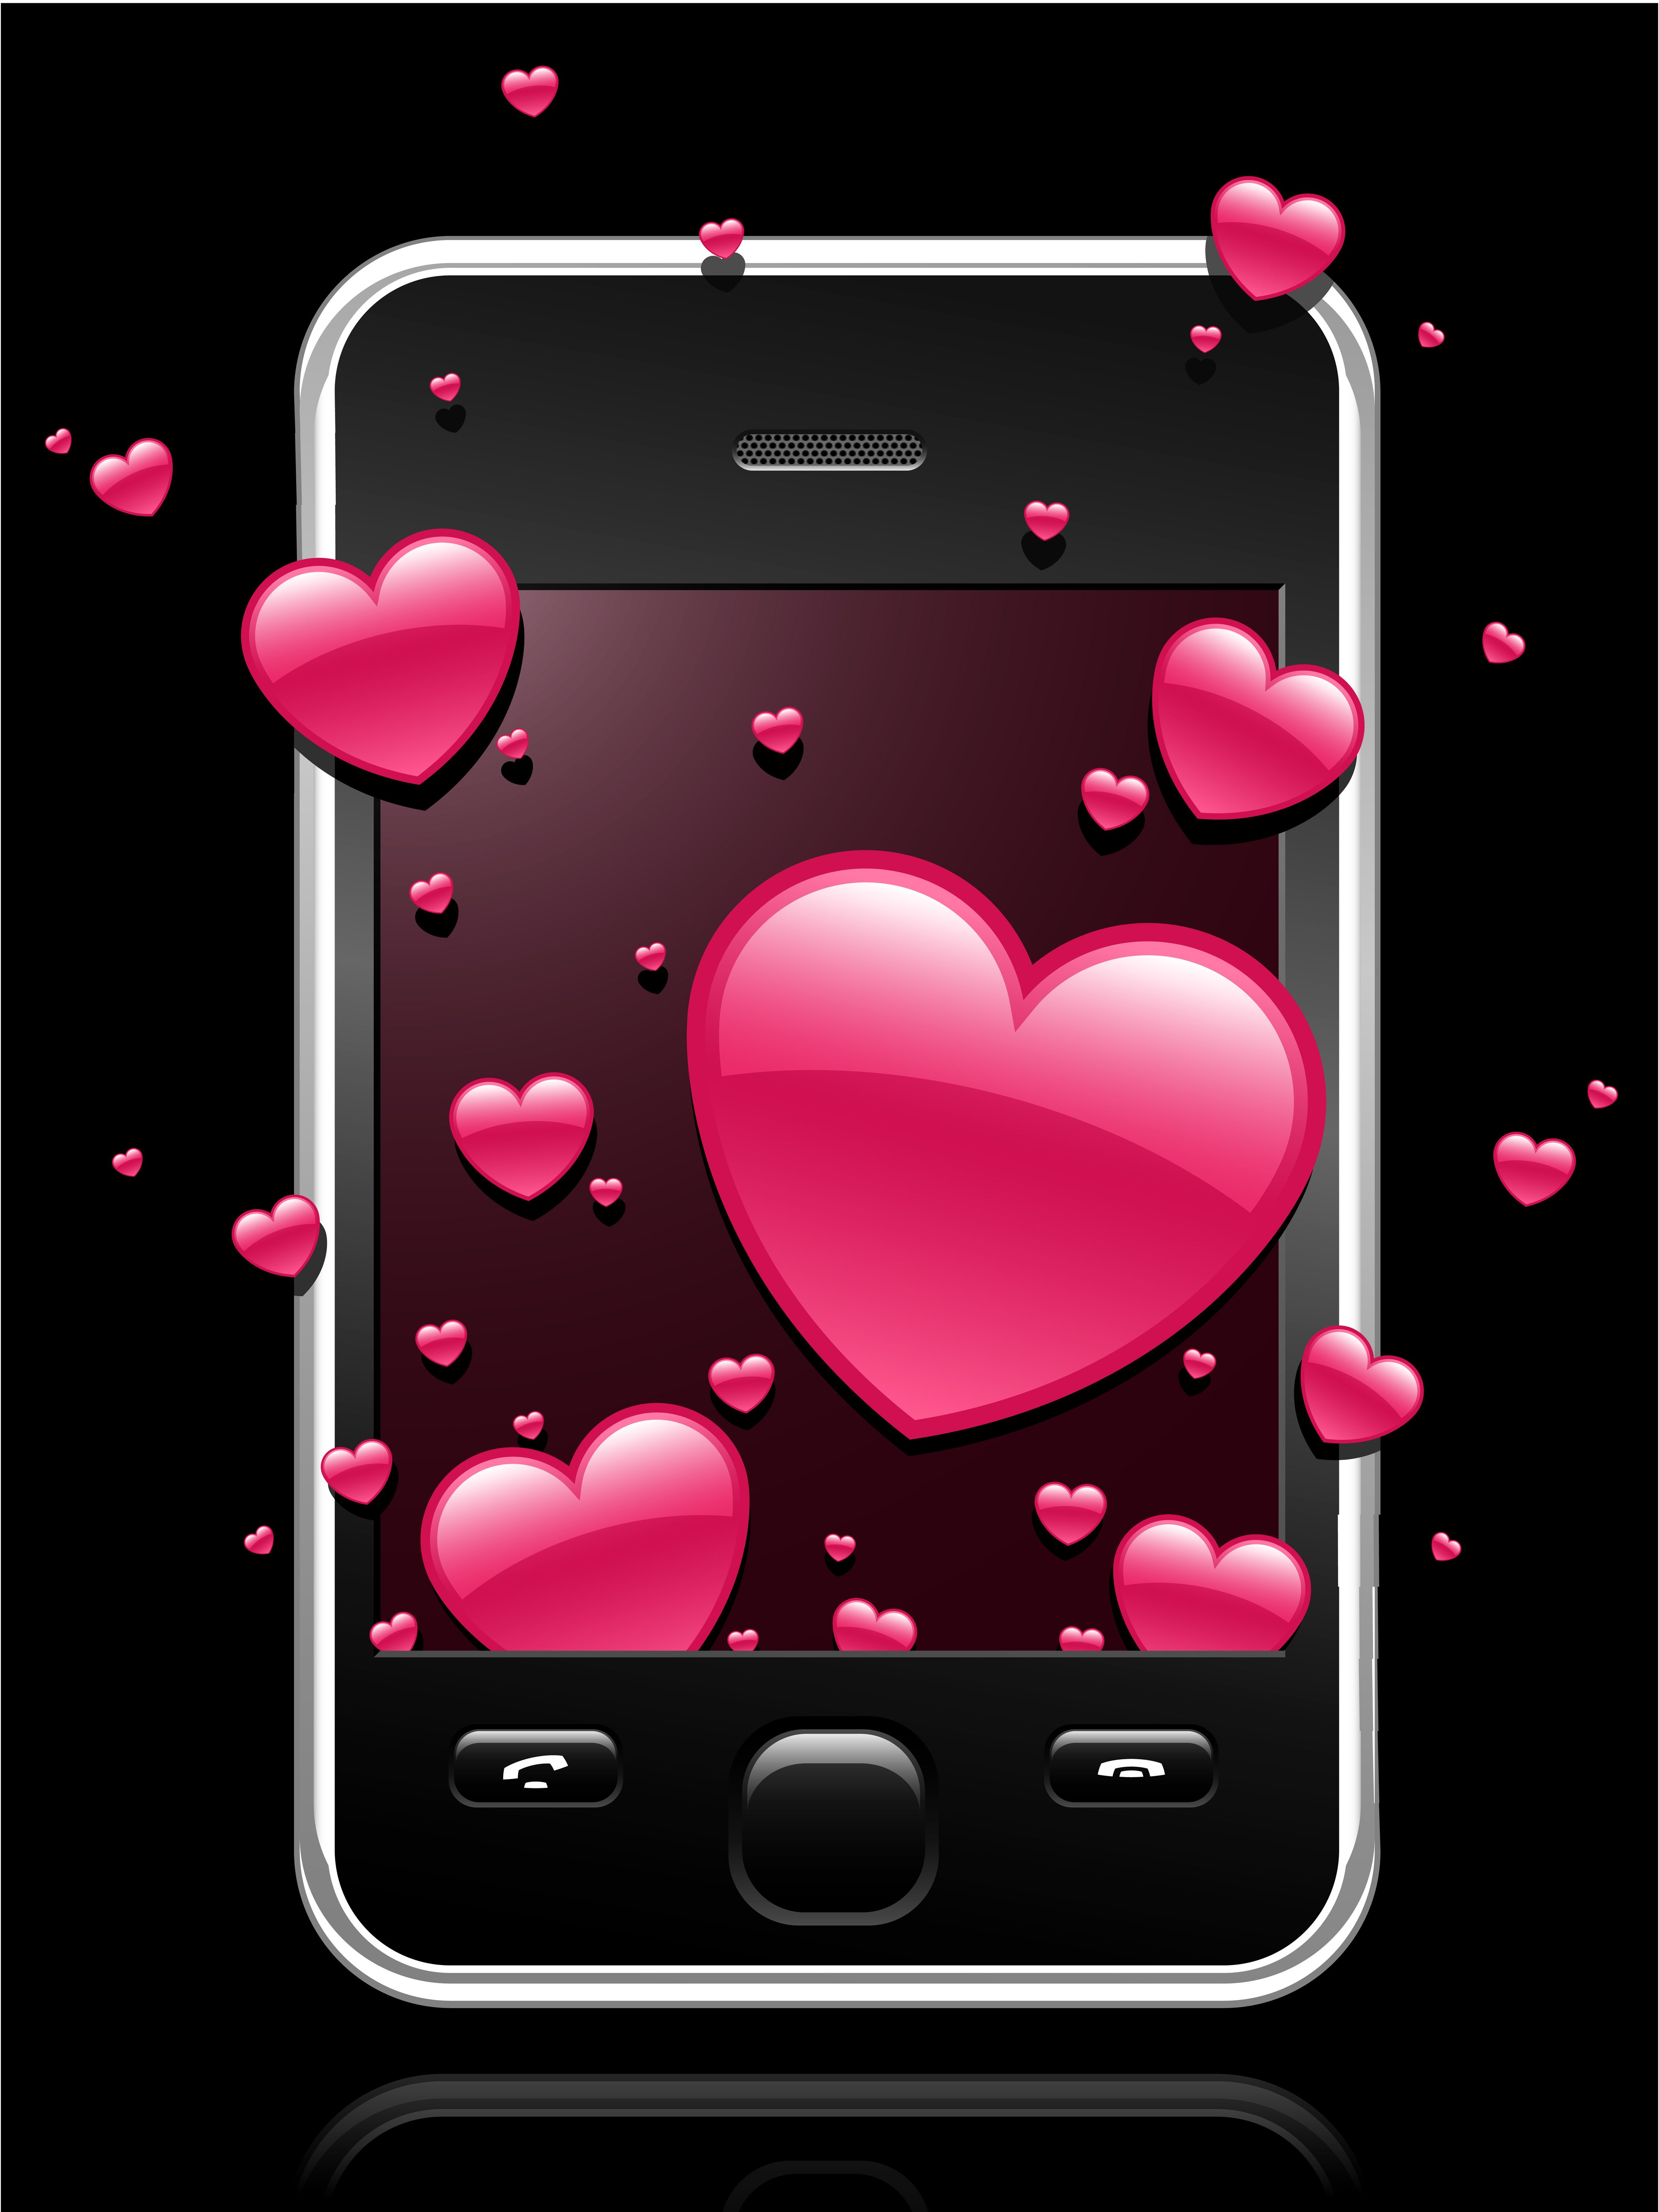 le téléphone de l'amour